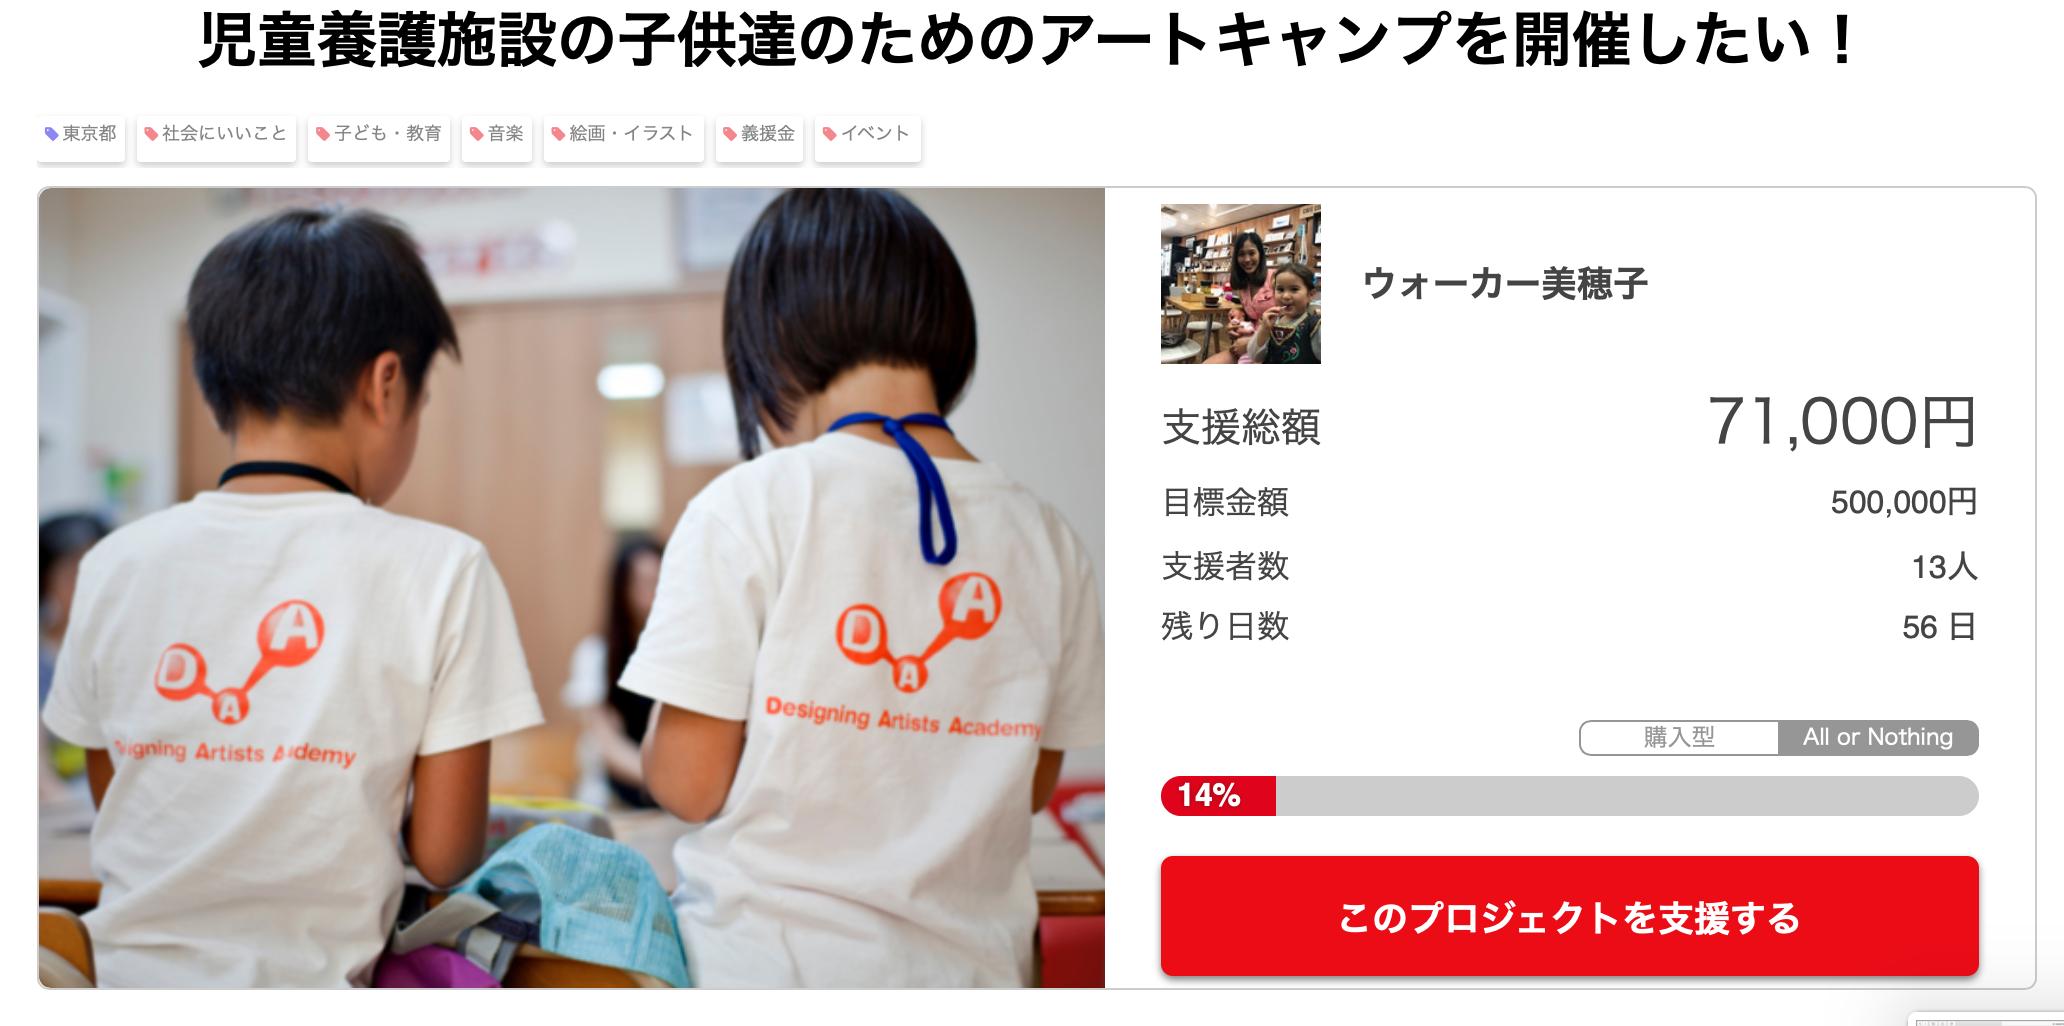 7月10日までに500,000円の支援金額を達成する必要があるため、どんなに小さな金額でも助かります!宜しくお願いします。